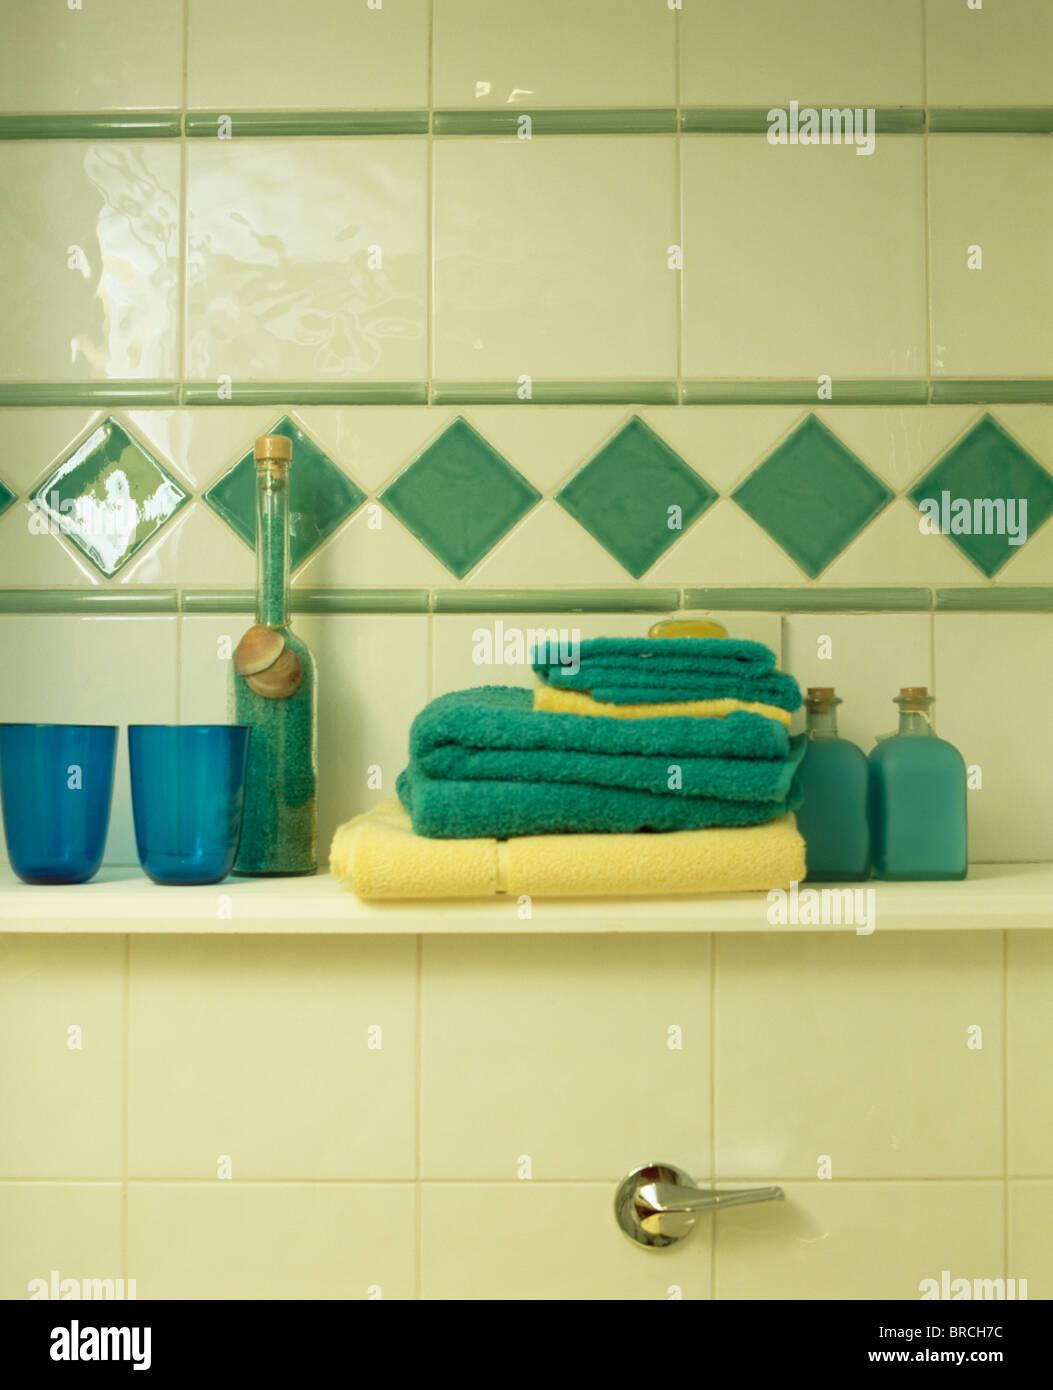 Nahaufnahme Von Turkis Und Gelb Handtucher Im Badezimmer Regal Unter